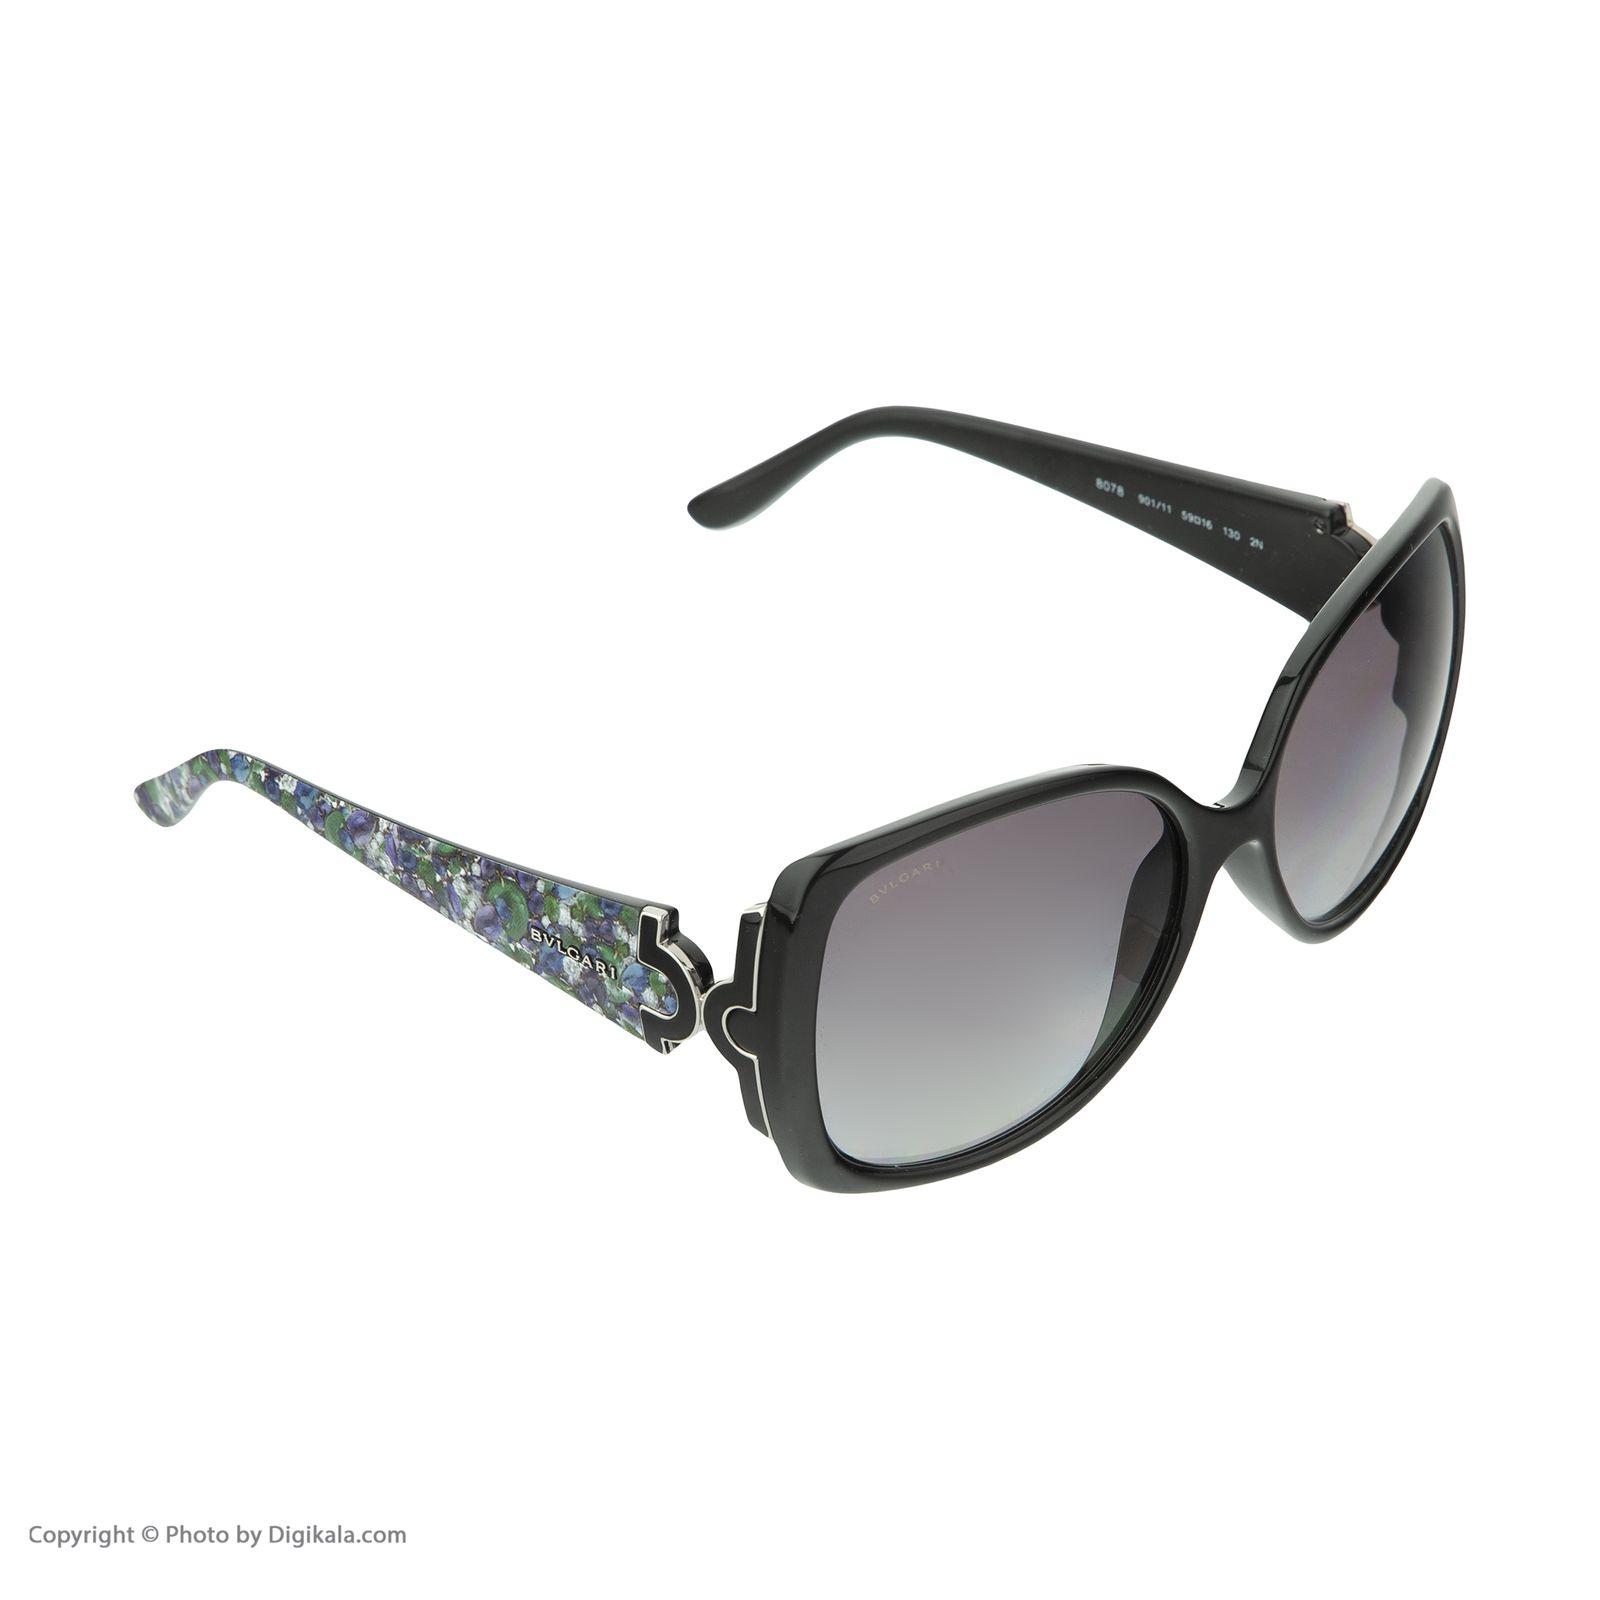 عینک آفتابی زنانه بولگاری مدل BV8078S 90111 -  - 4